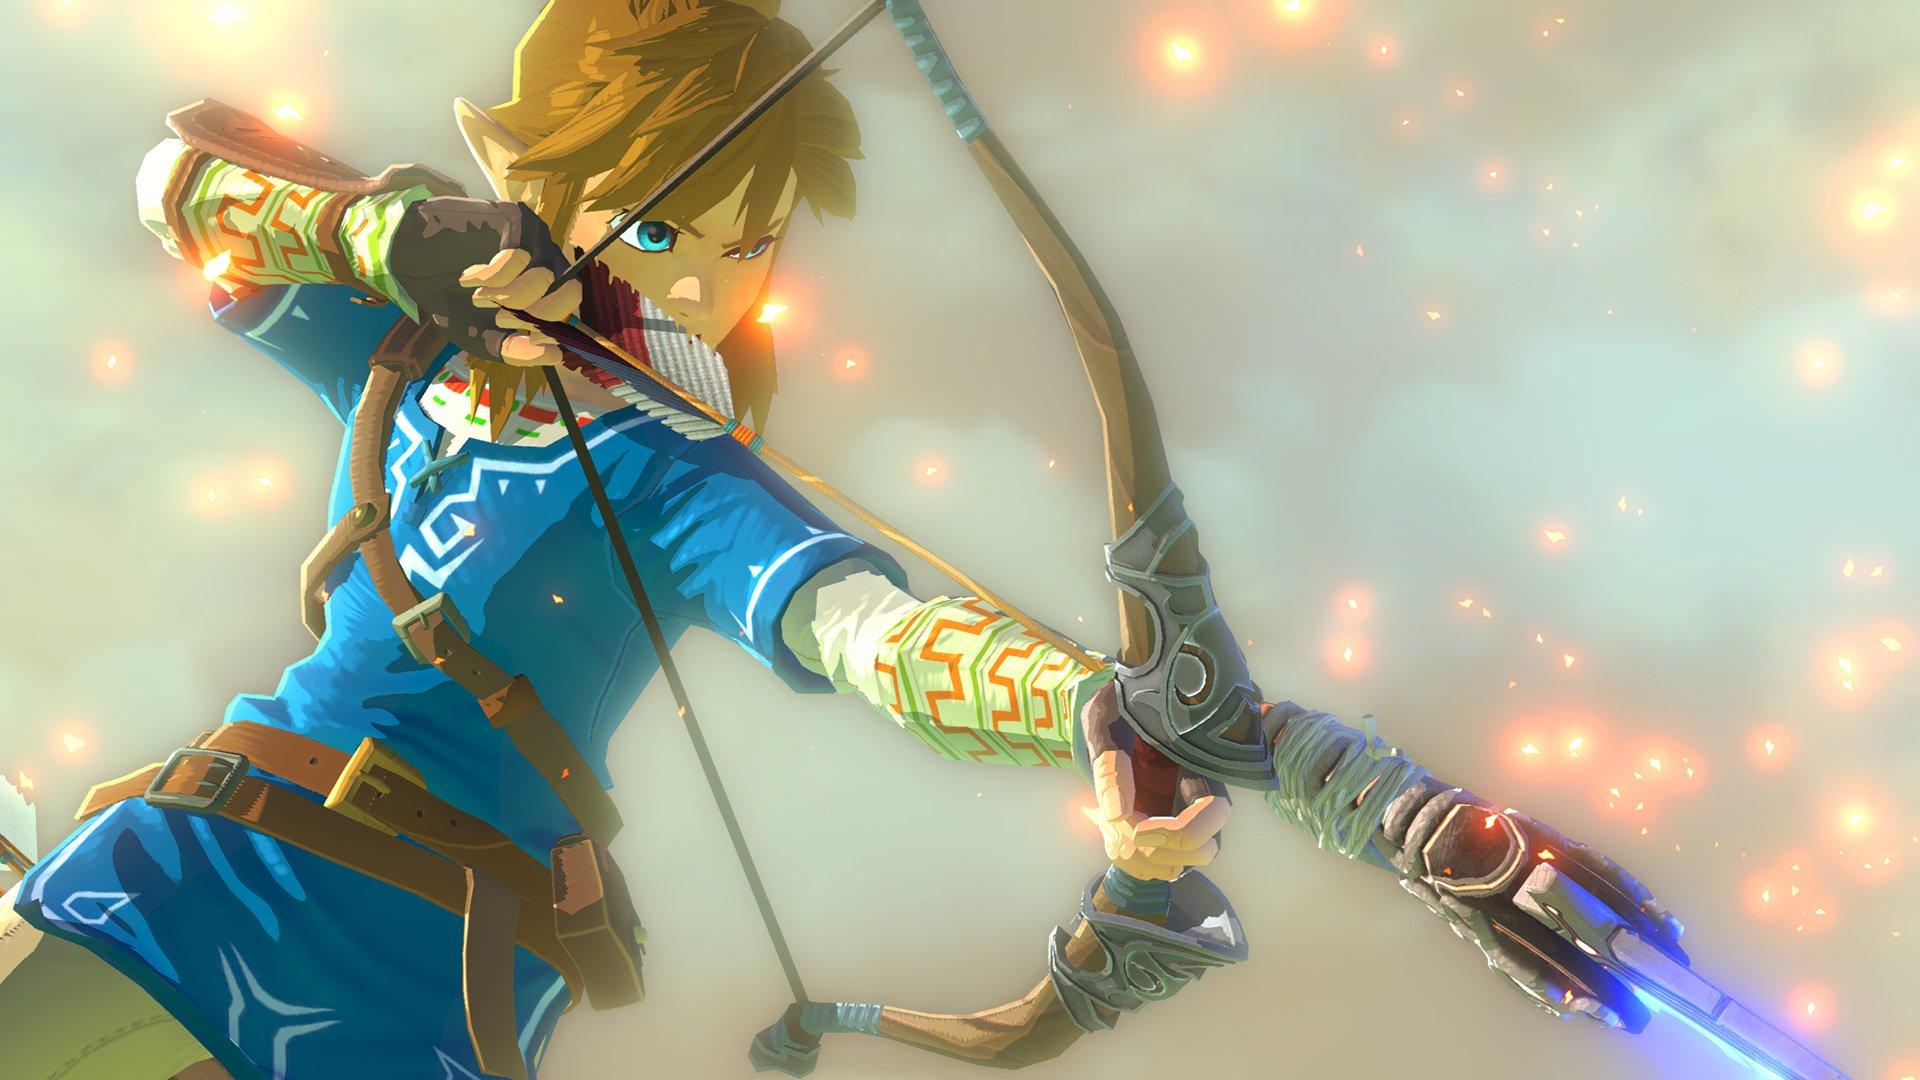 Zelda2017